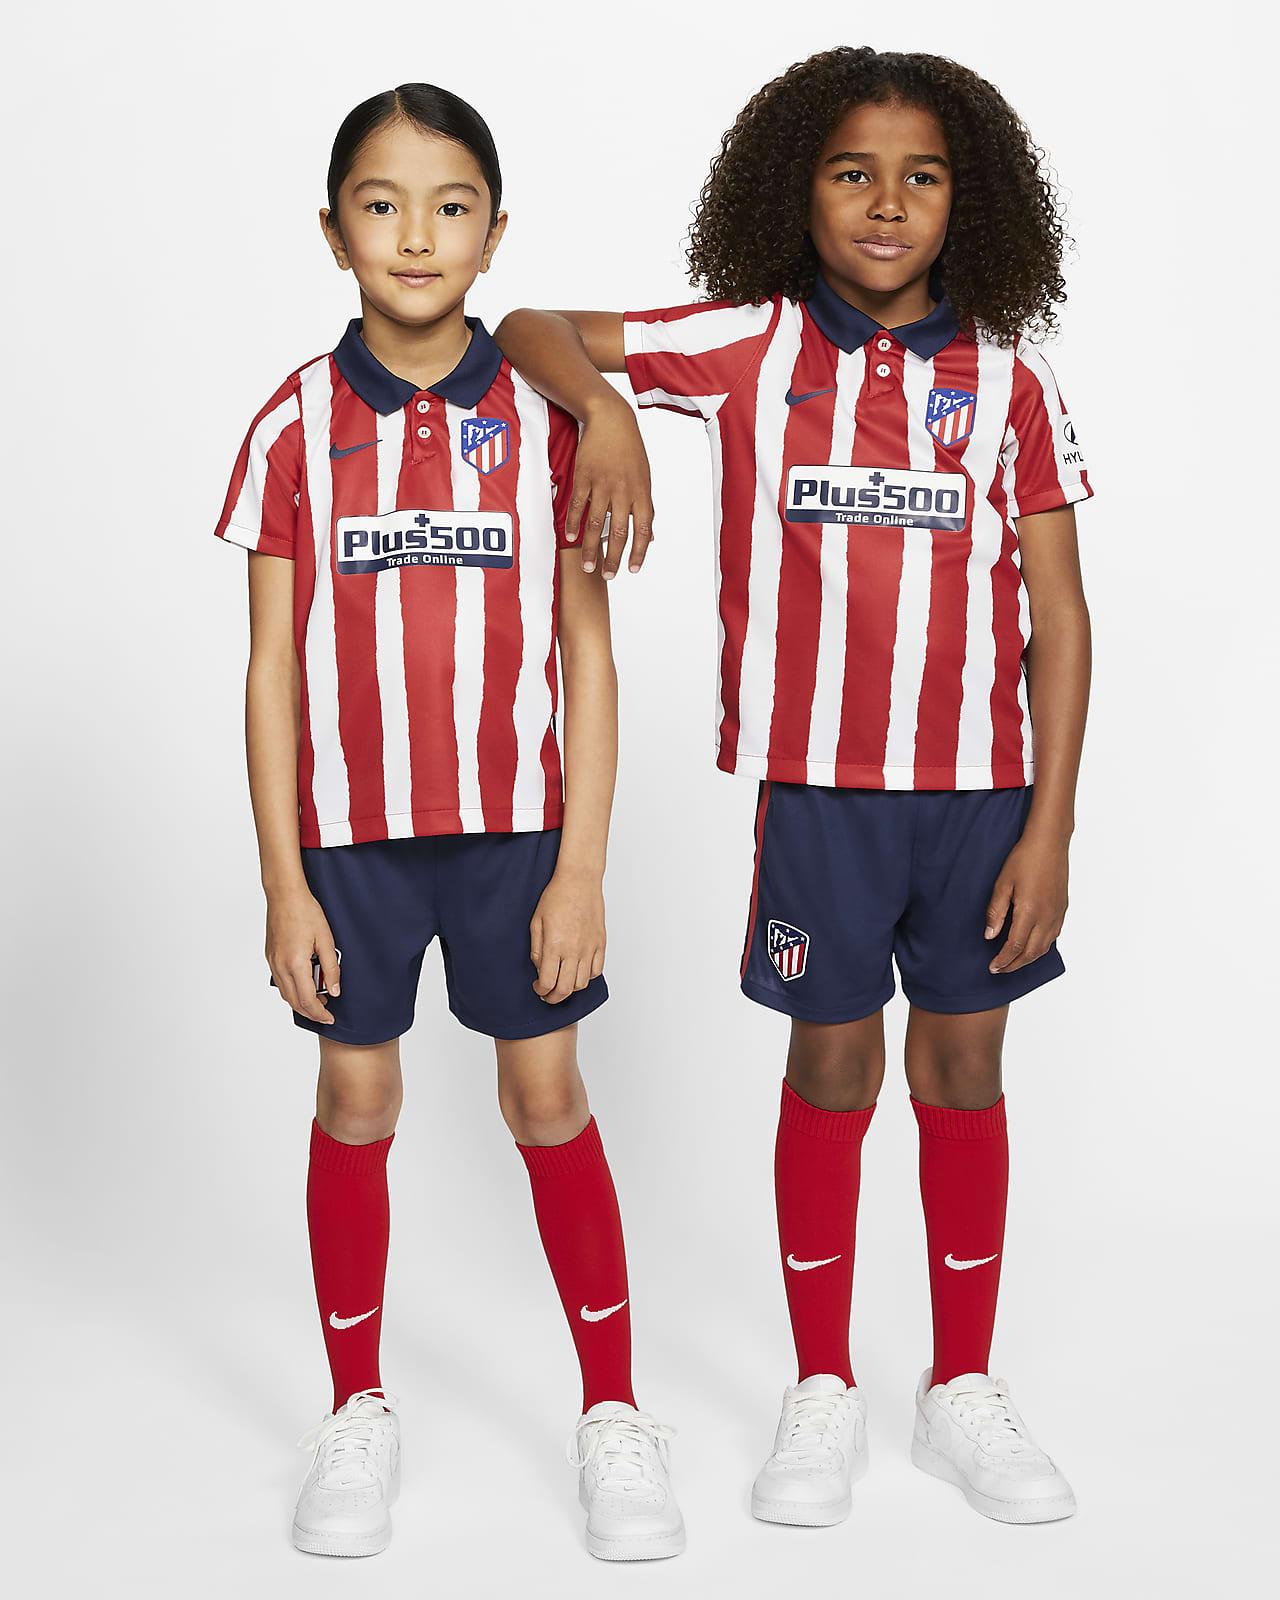 Футбольный комплект для дошкольников с символикой домашней формы ФК «Атлетико Мадрид» 2020/21